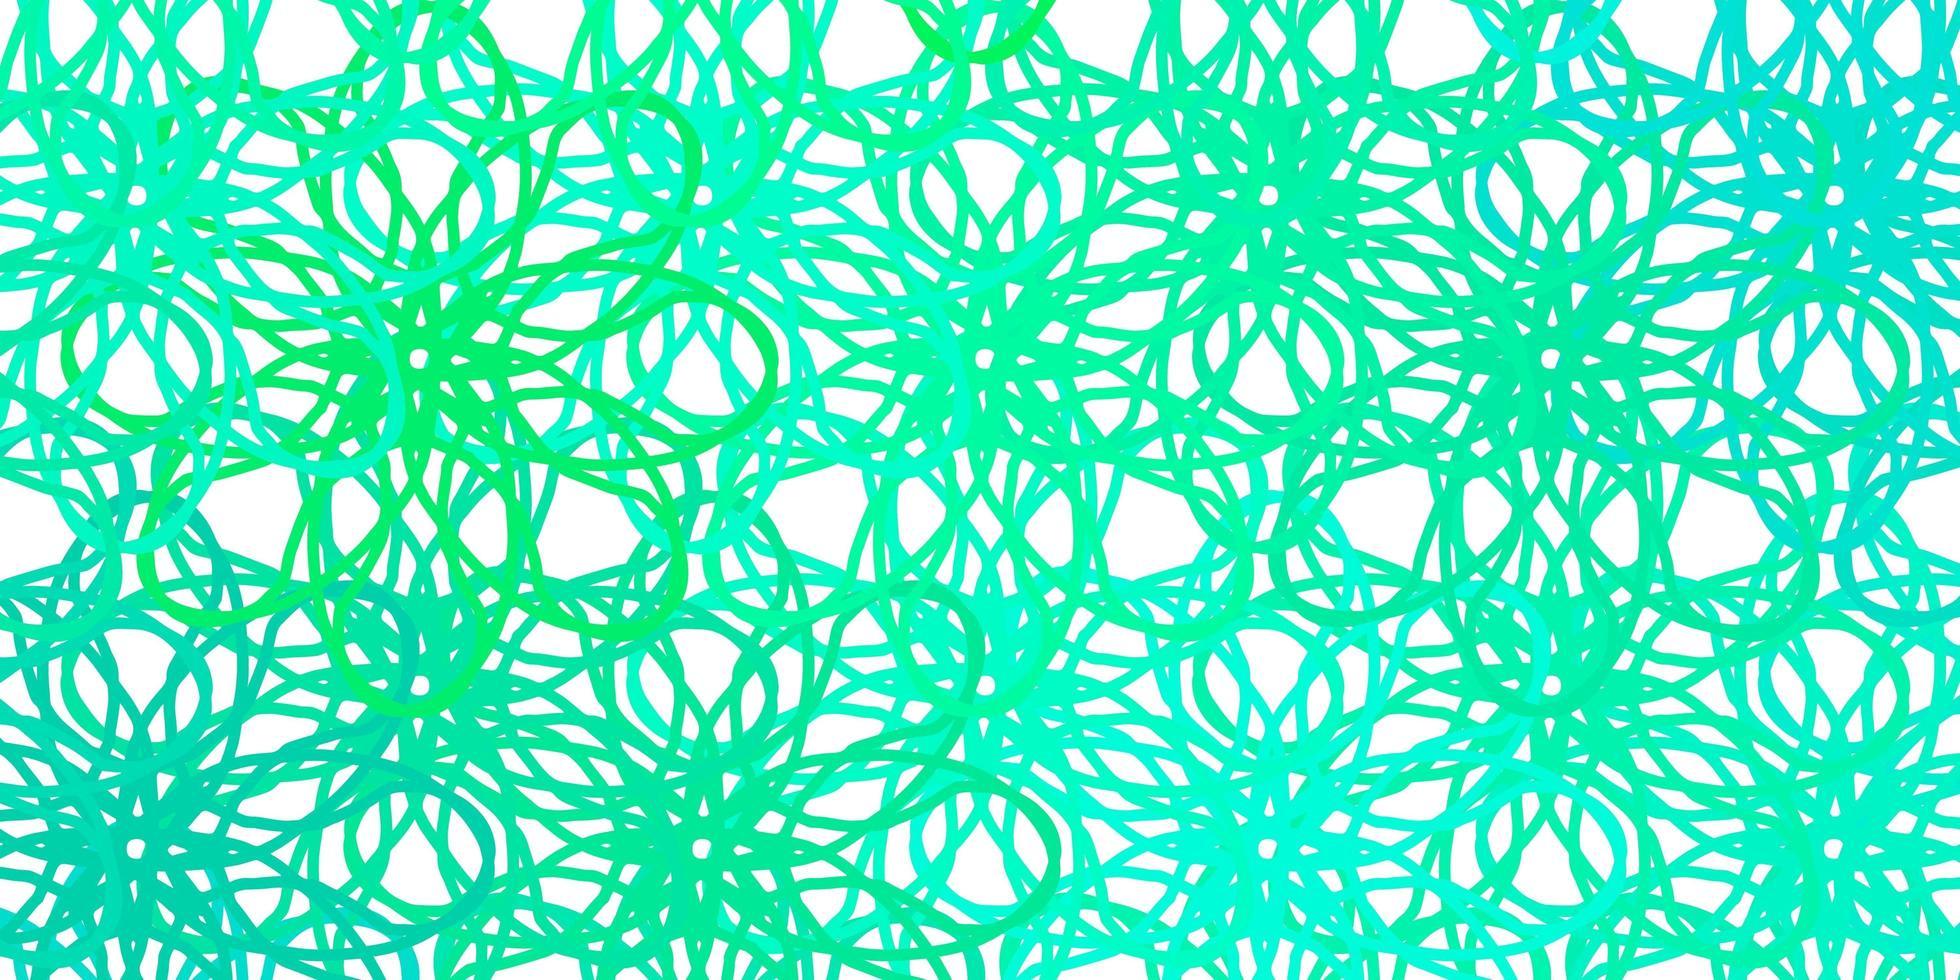 texture vert clair avec des courbes. vecteur